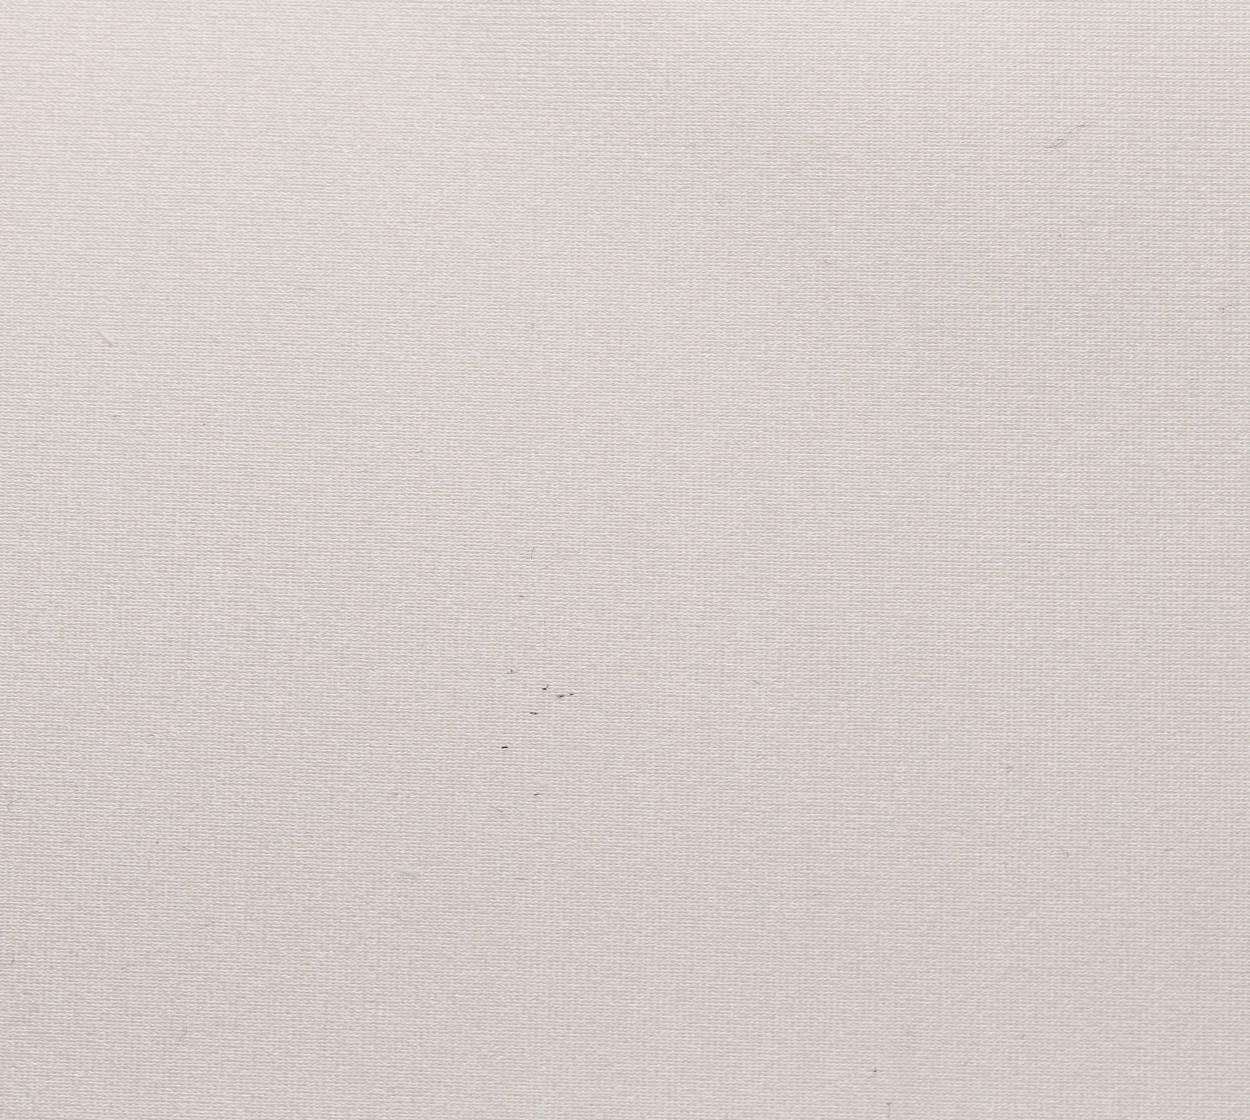 Powerstretch - weiß, 3 m breit, 5P05 im Stamm online Store München